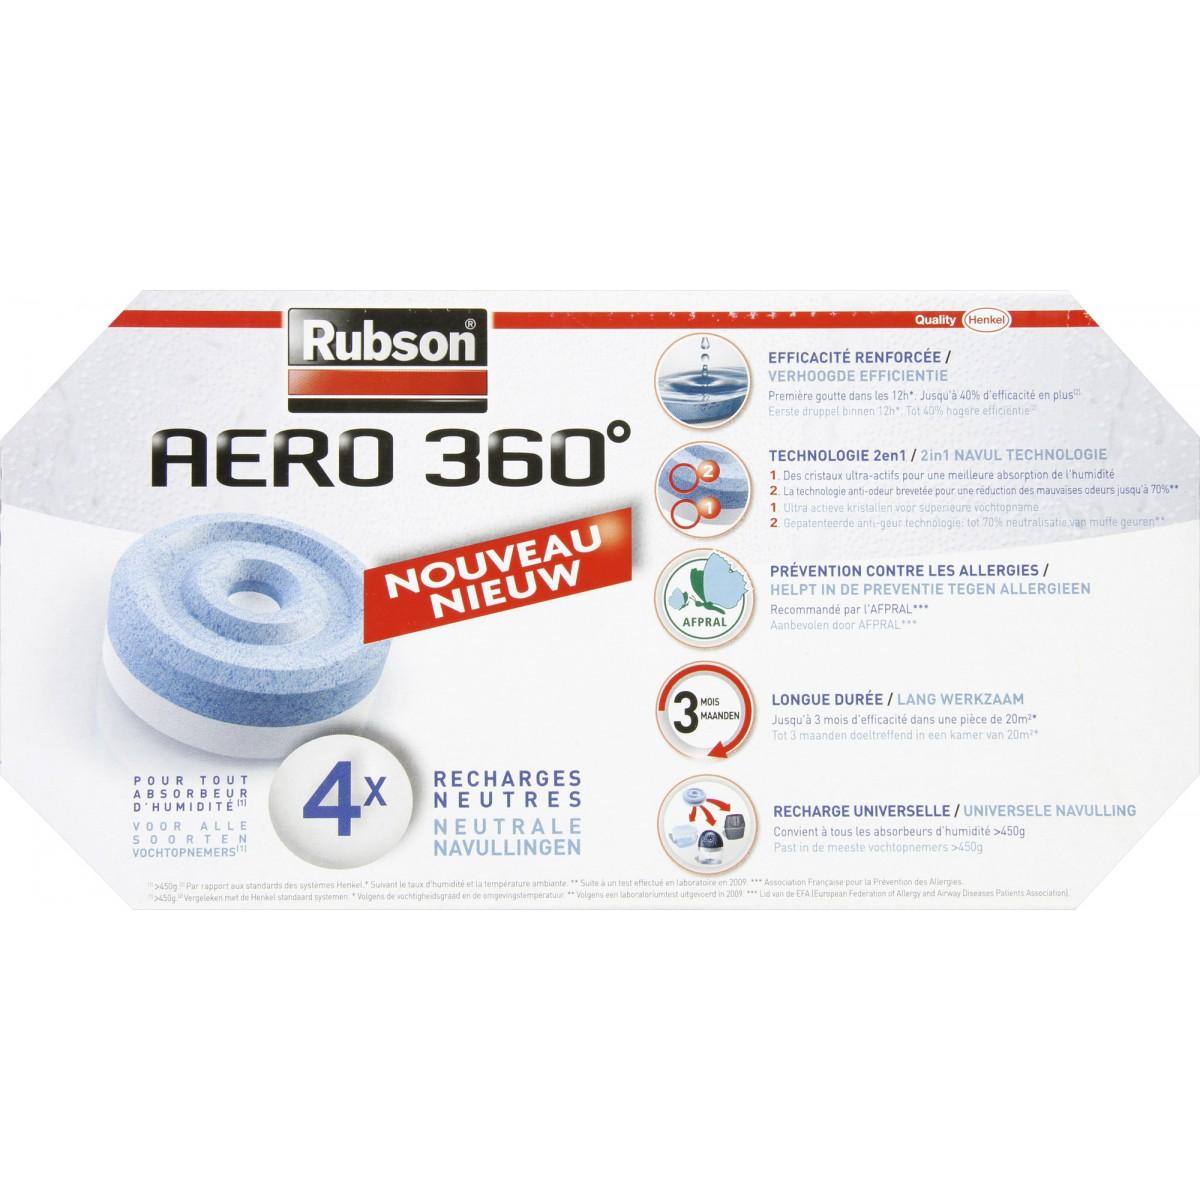 recharge power tab rubson vendu par 4 de recharge pour absorbeur d 39 humidit. Black Bedroom Furniture Sets. Home Design Ideas